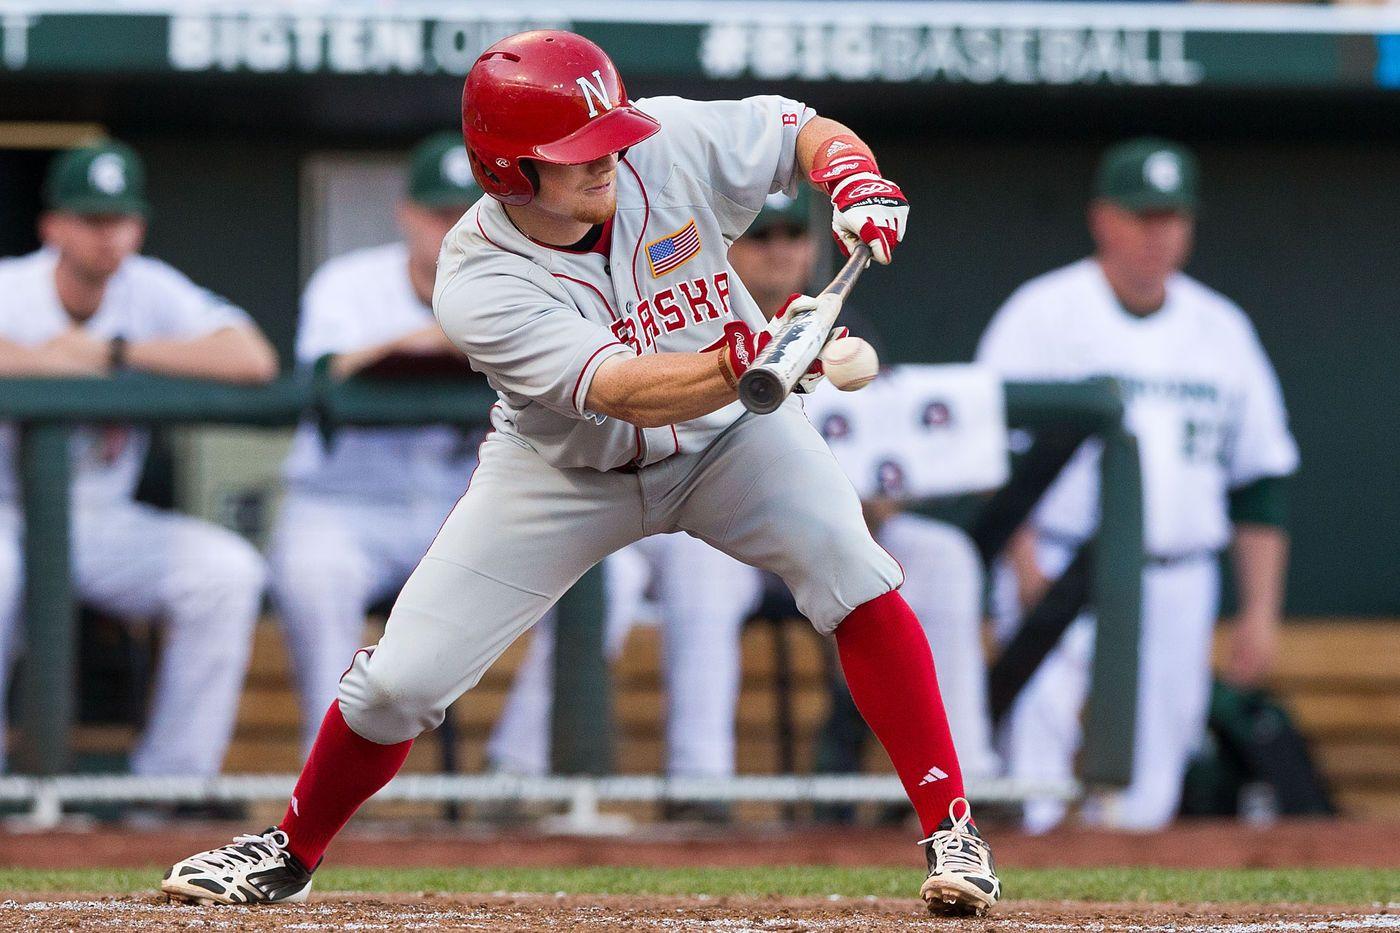 05/22/2014 Big Ten Baseball Tourney Omaha WorldHerald